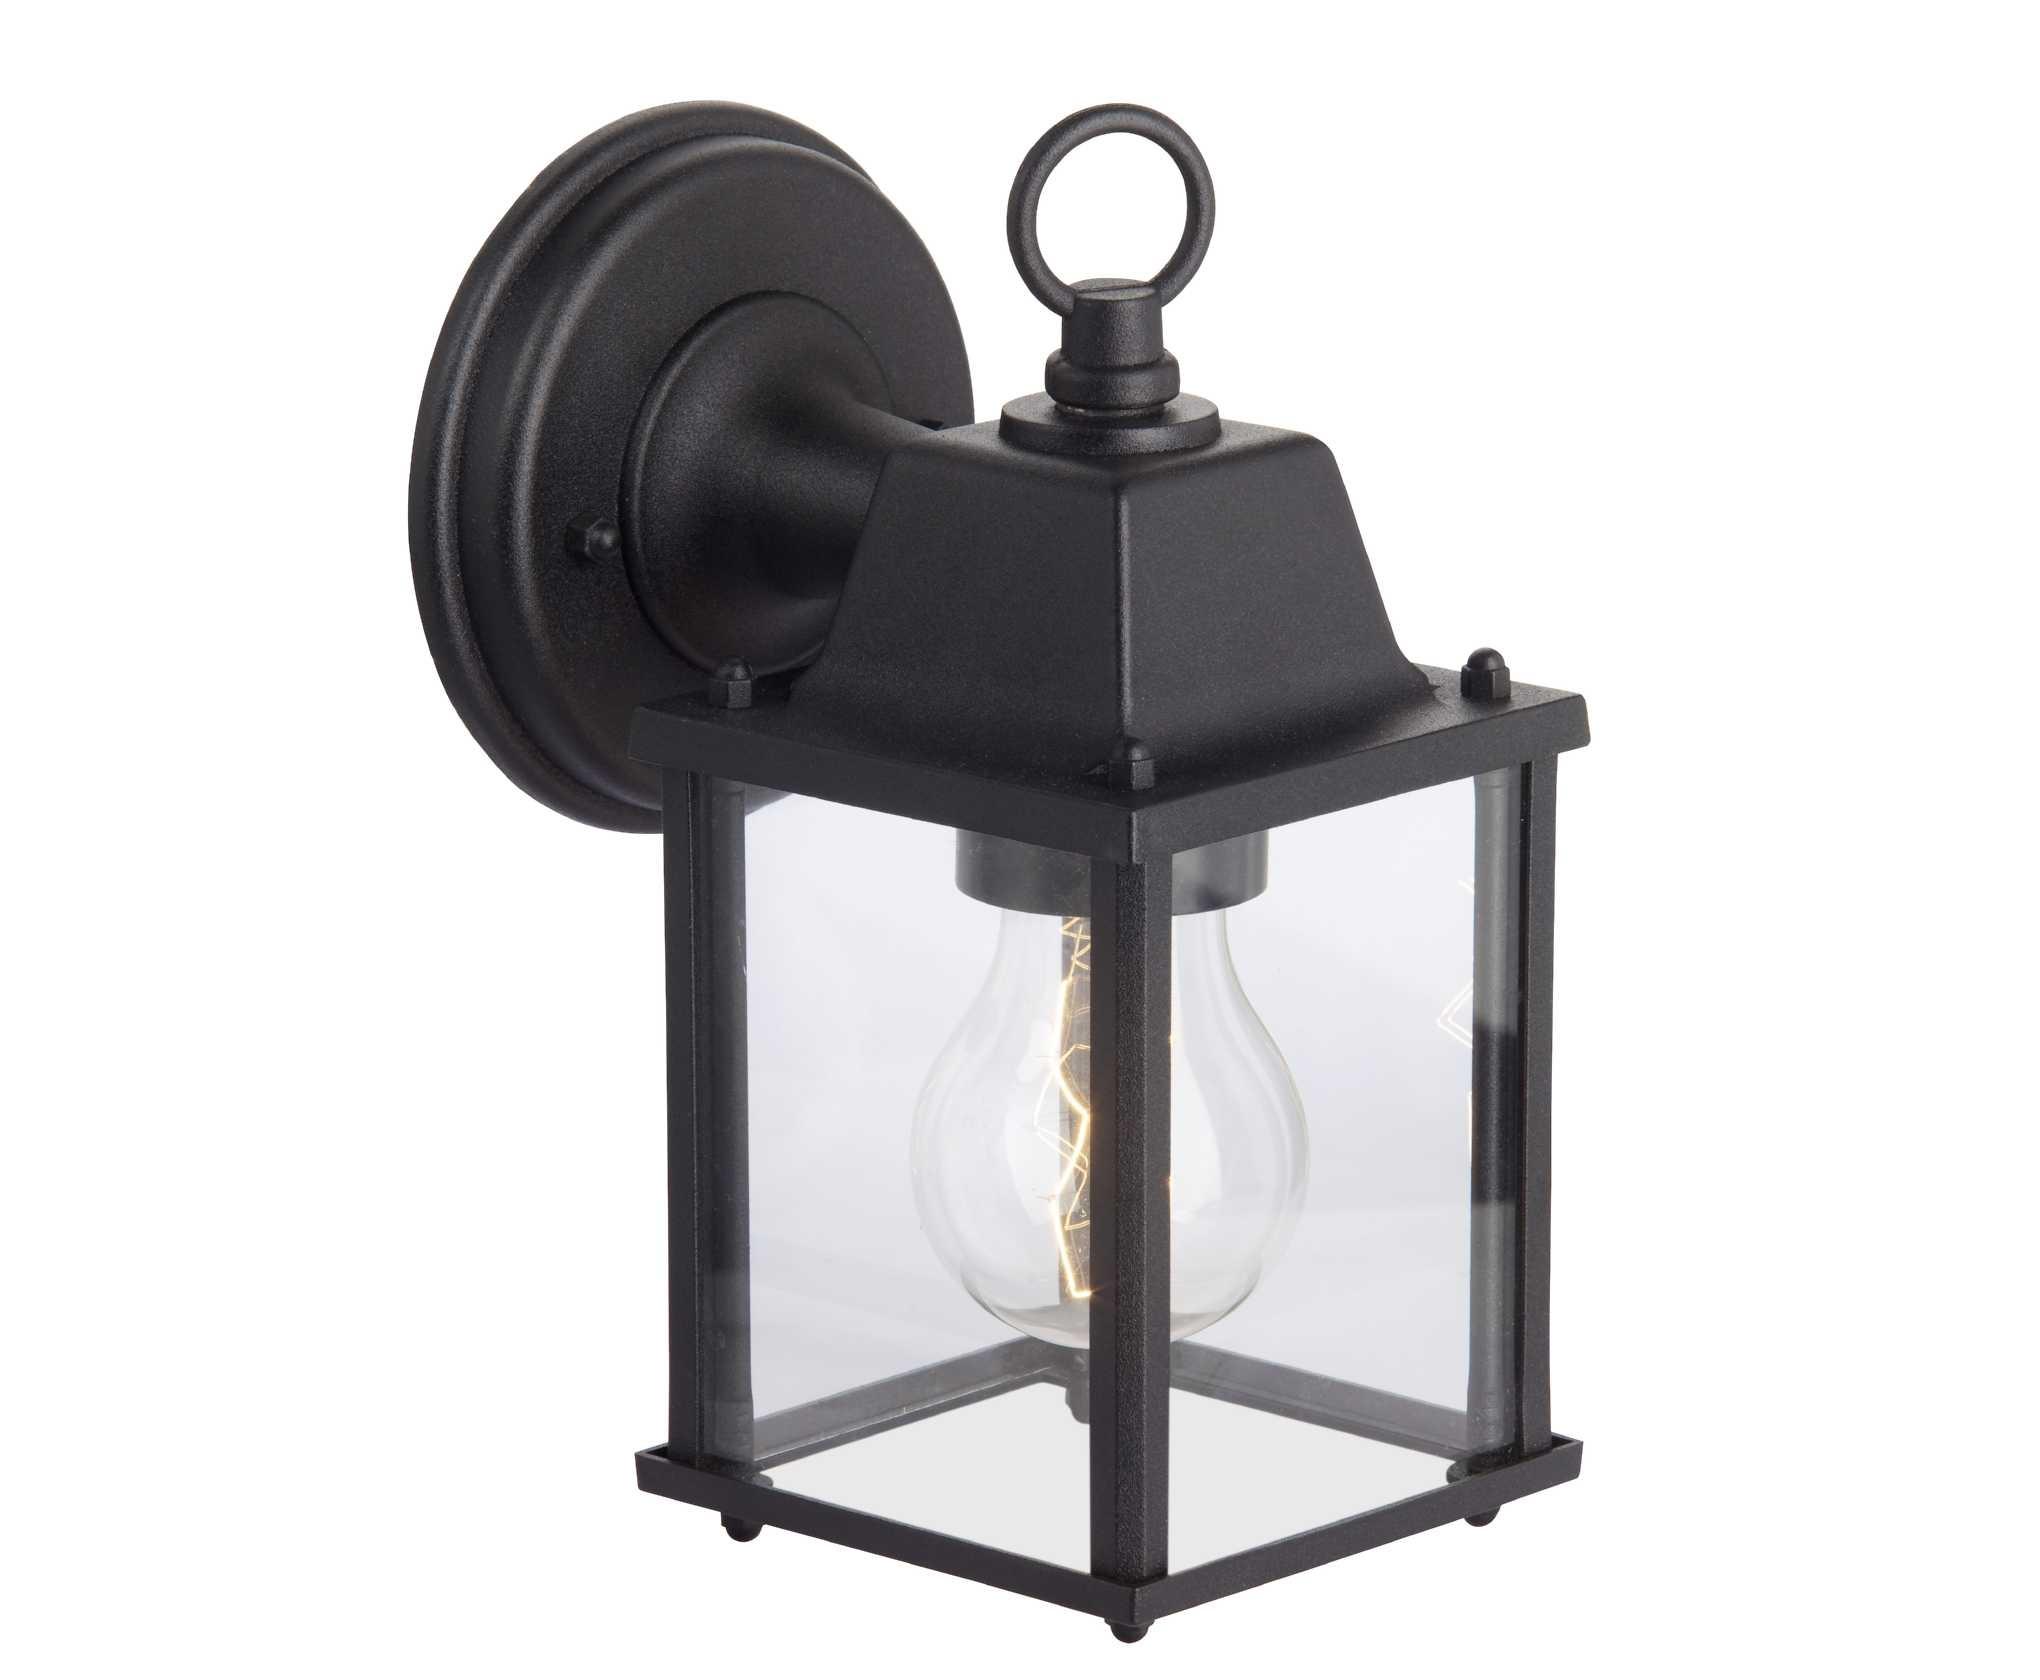 Светильник уличный IrvinУличные настенные светильники<br>&amp;lt;div&amp;gt;Вид цоколя: E27&amp;lt;/div&amp;gt;&amp;lt;div&amp;gt;Мощность: 60W&amp;lt;/div&amp;gt;&amp;lt;div&amp;gt;Количество ламп: 1&amp;lt;/div&amp;gt;<br><br>Material: Стекло